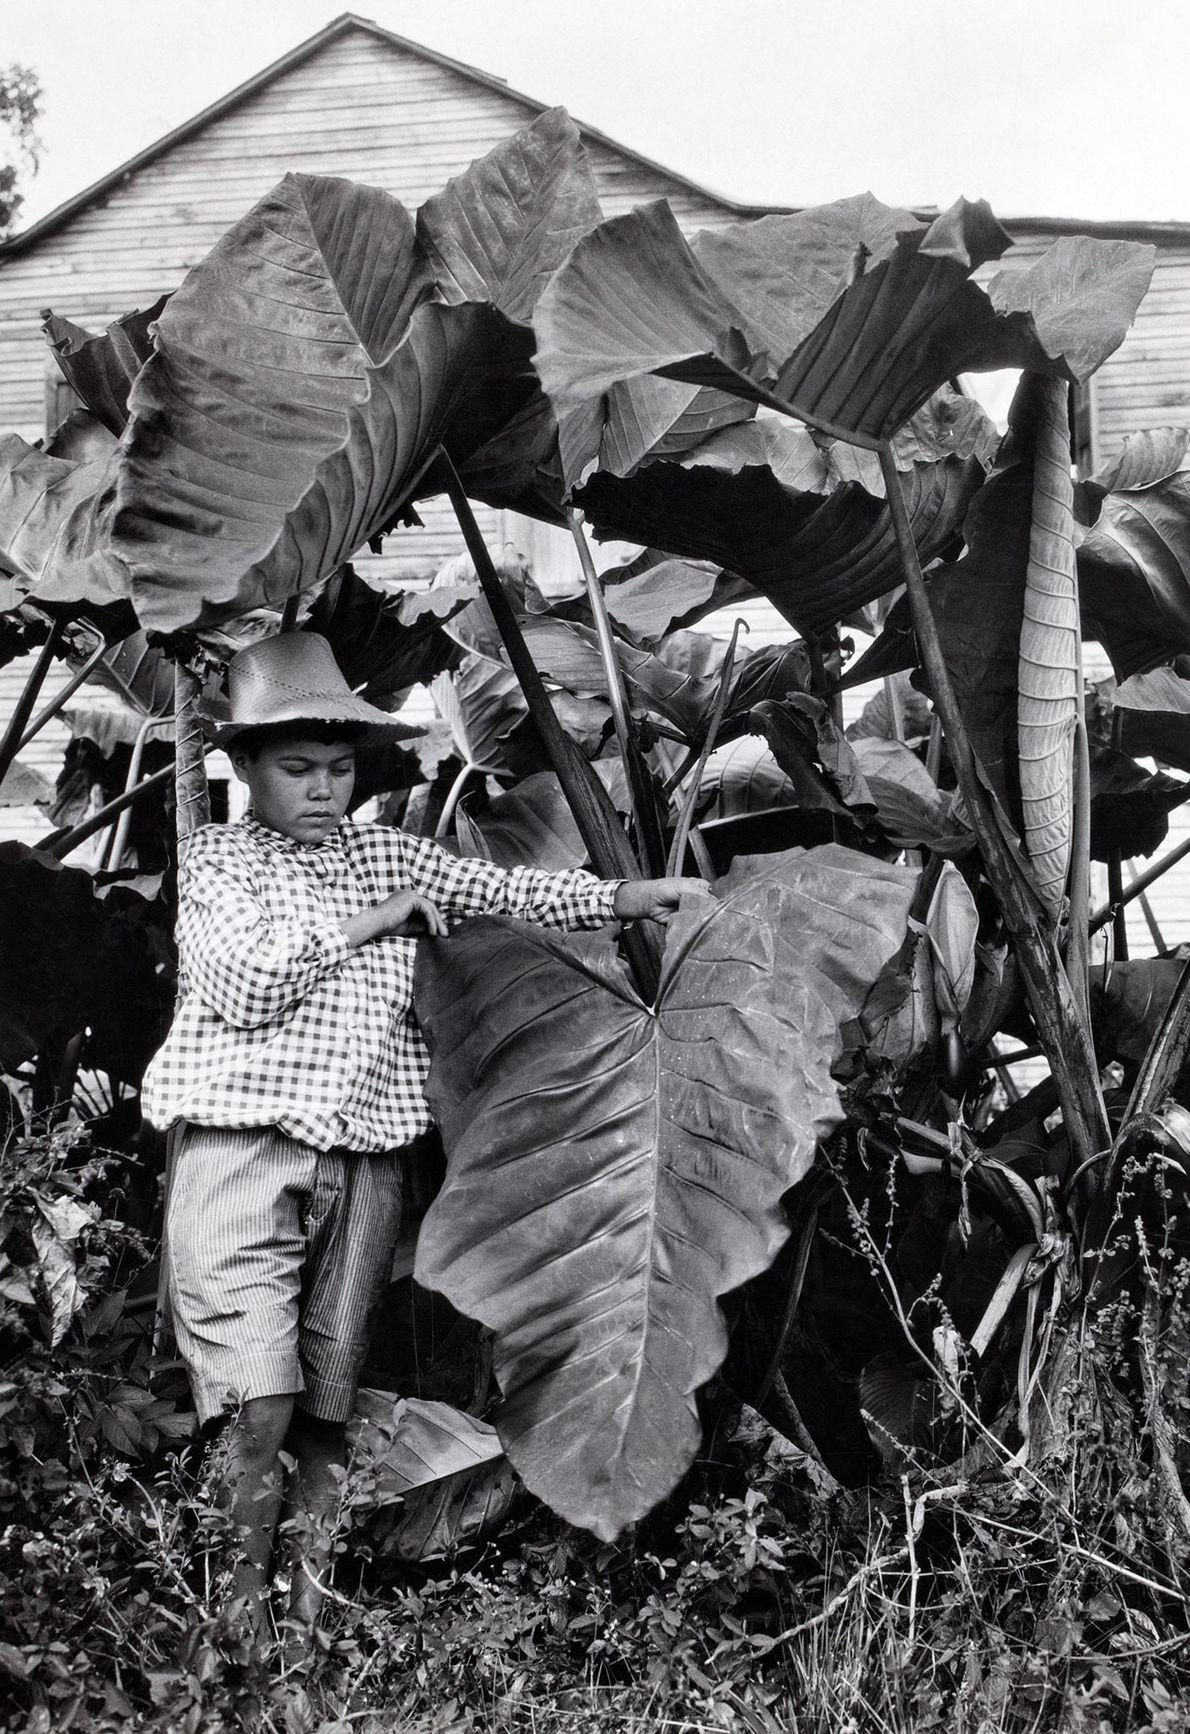 Un niño sostiene los lados de una enorme hoja